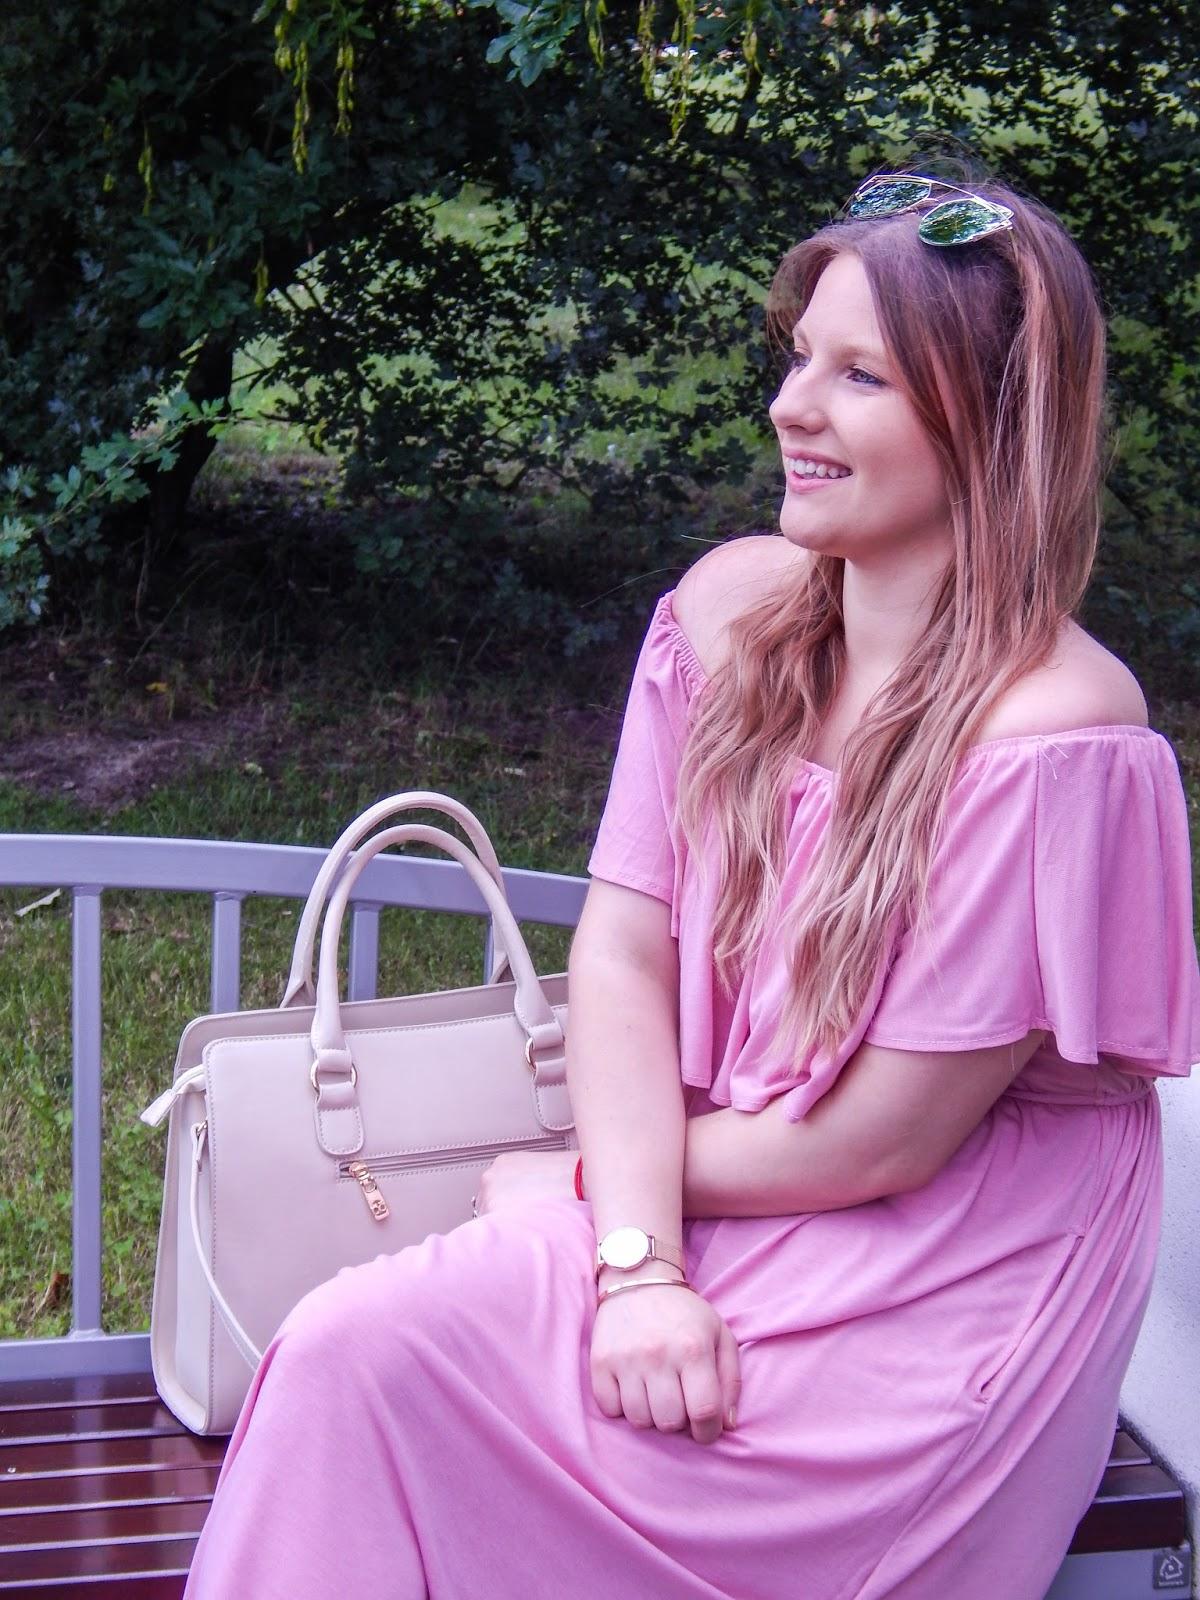 9 długa sukienka maxi hiszpanka wakacyjna stylizacja sandały z pomponami kolorowymi stylizacja ze złotą biżuterią lookbook ootd modna polka